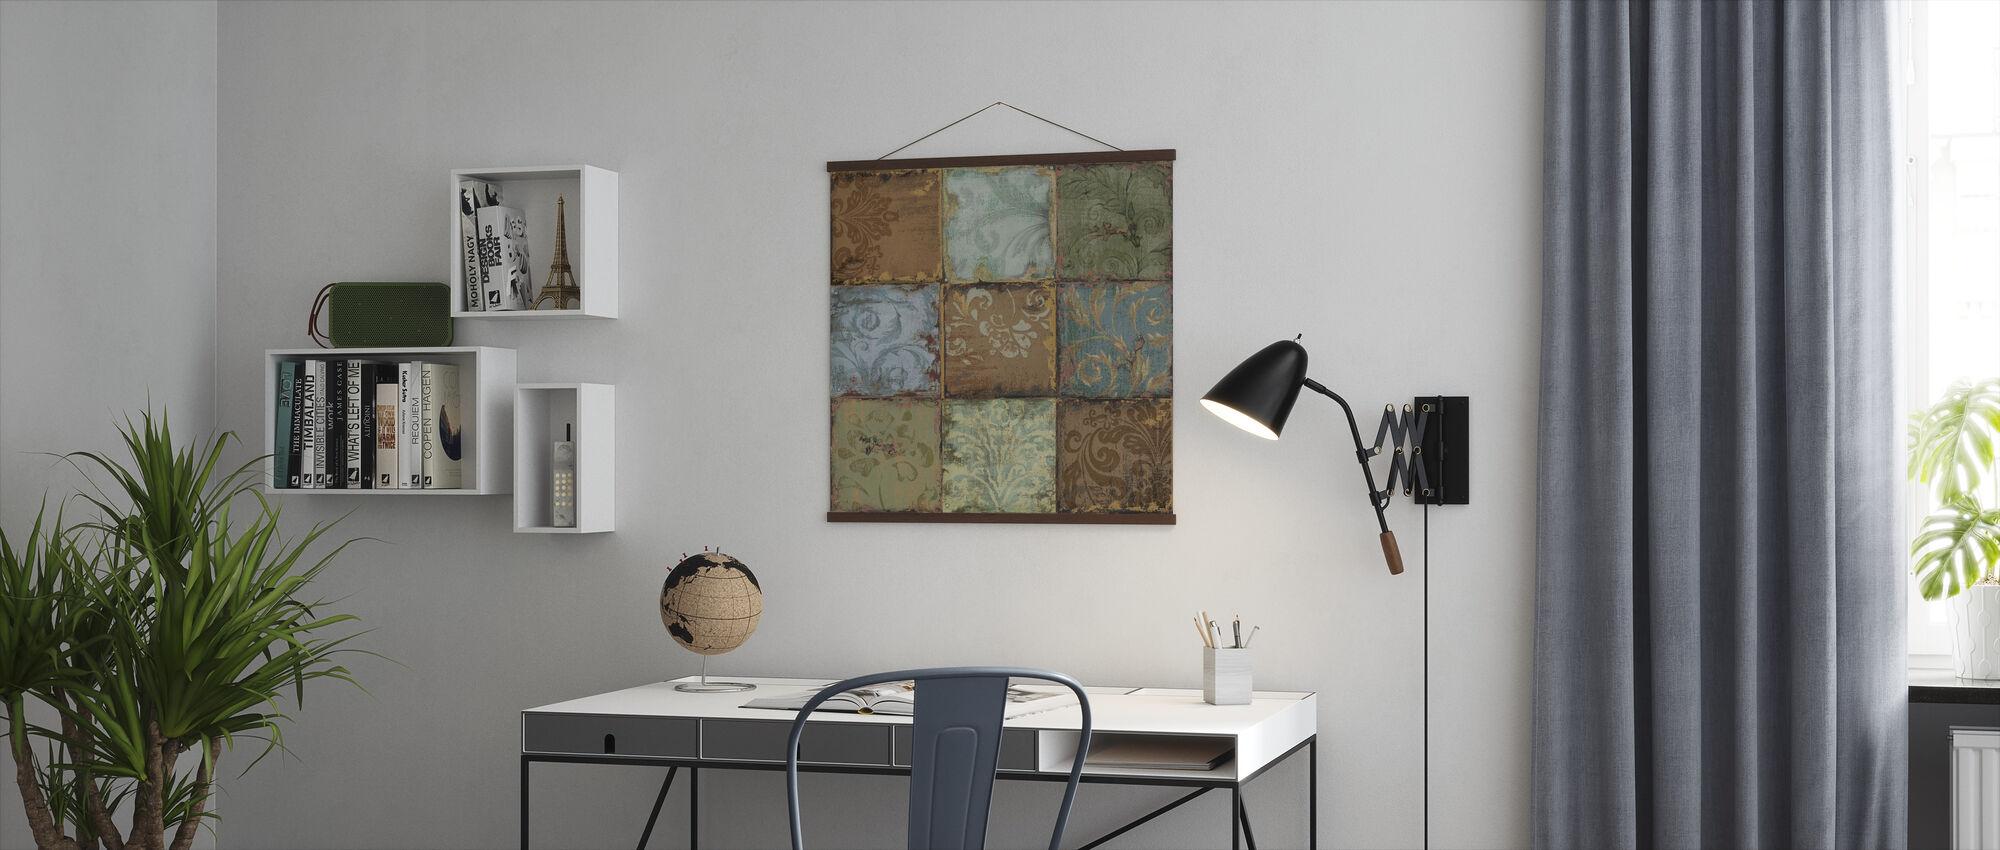 Tapestry Fliser 2 - Plakat - Kontor